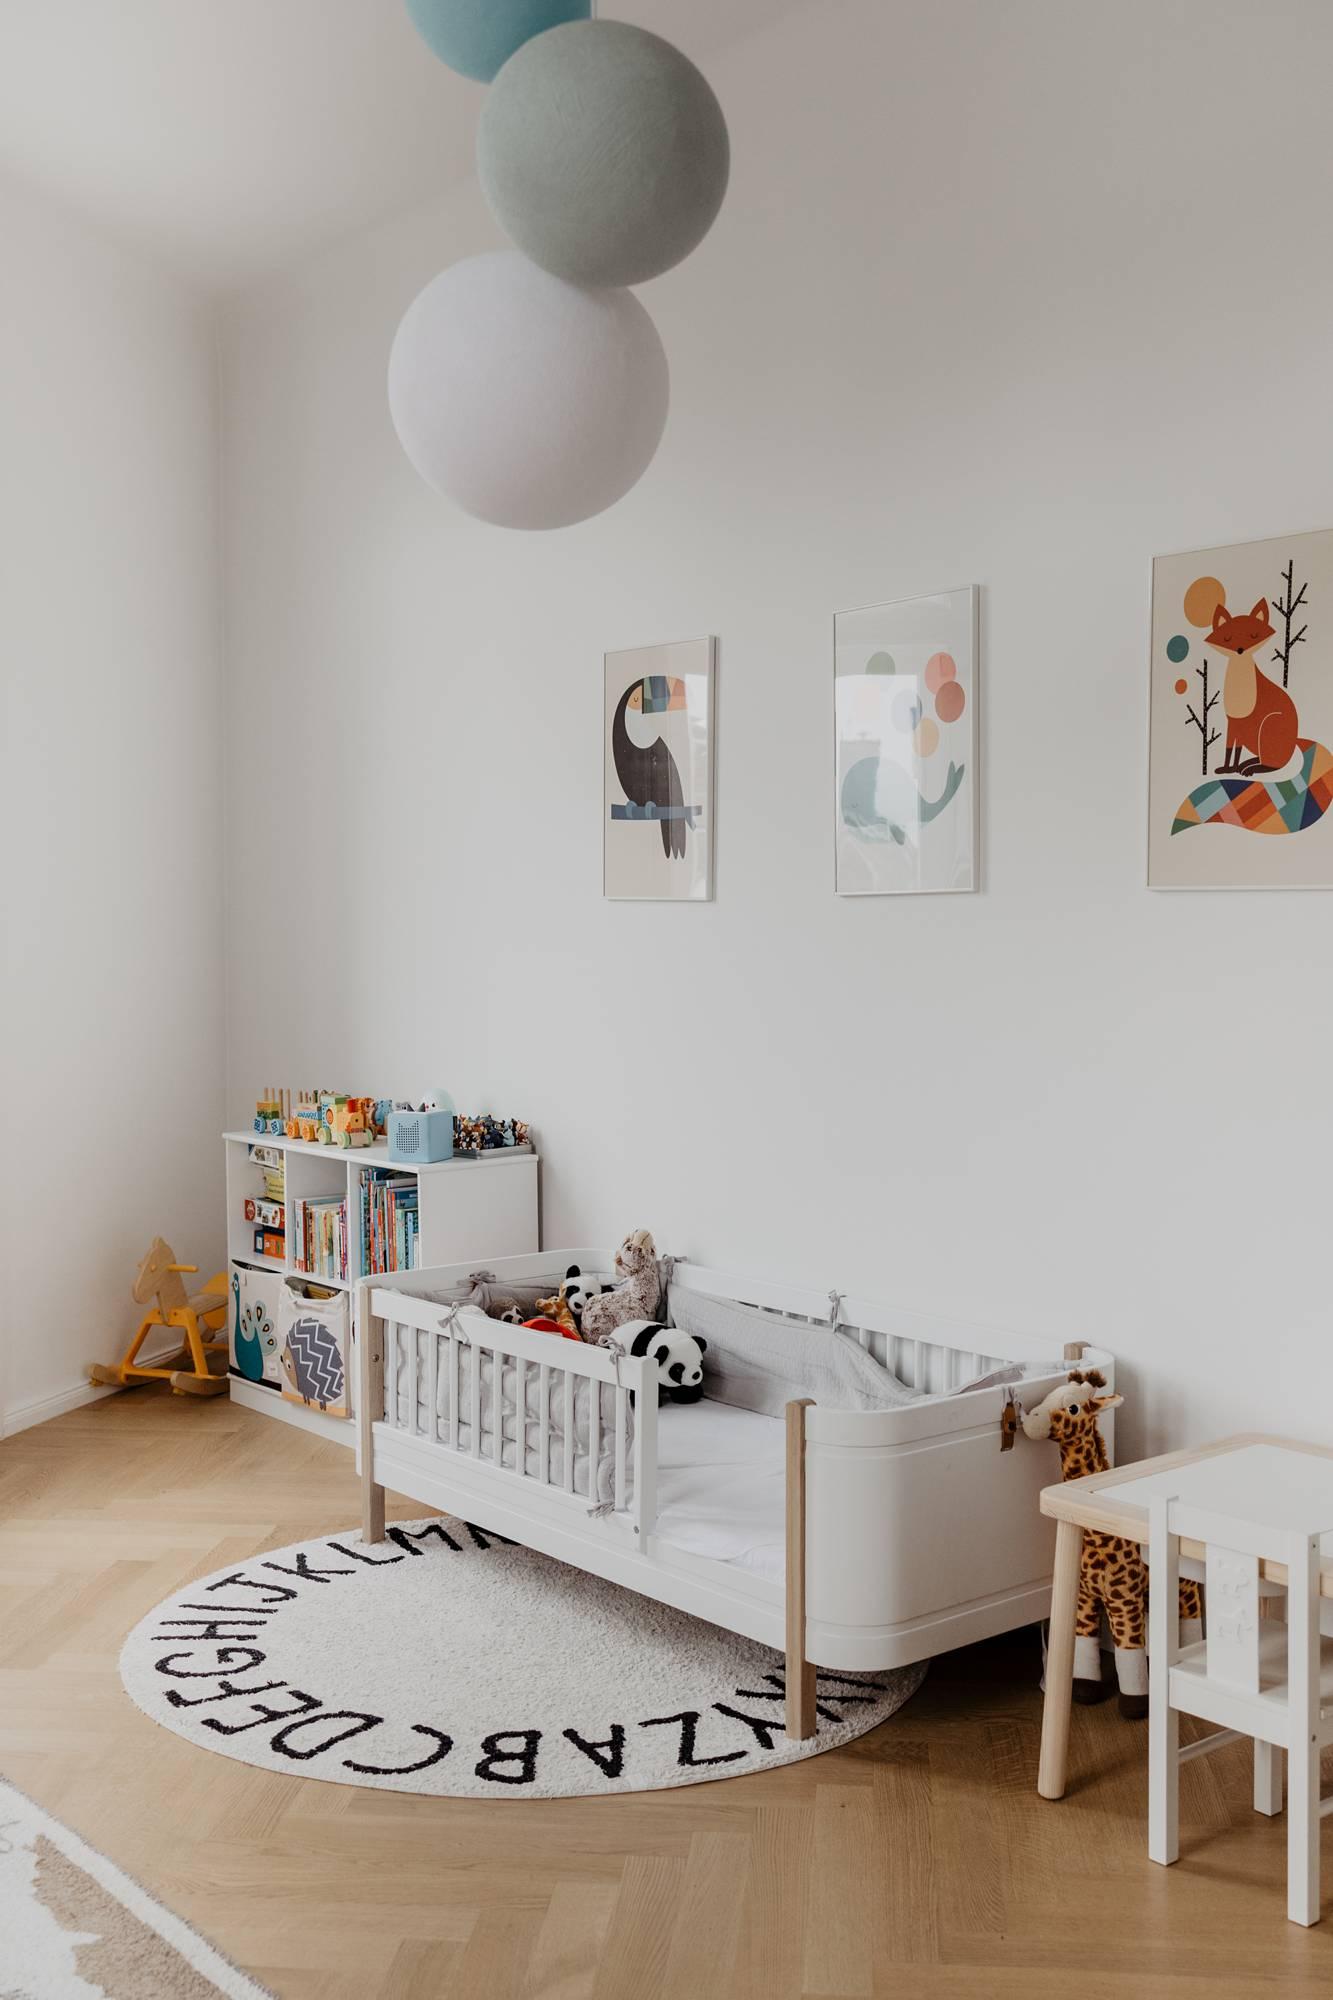 Kinderzimmer Bett Oliver Furniture - Wiener Wohnsinn